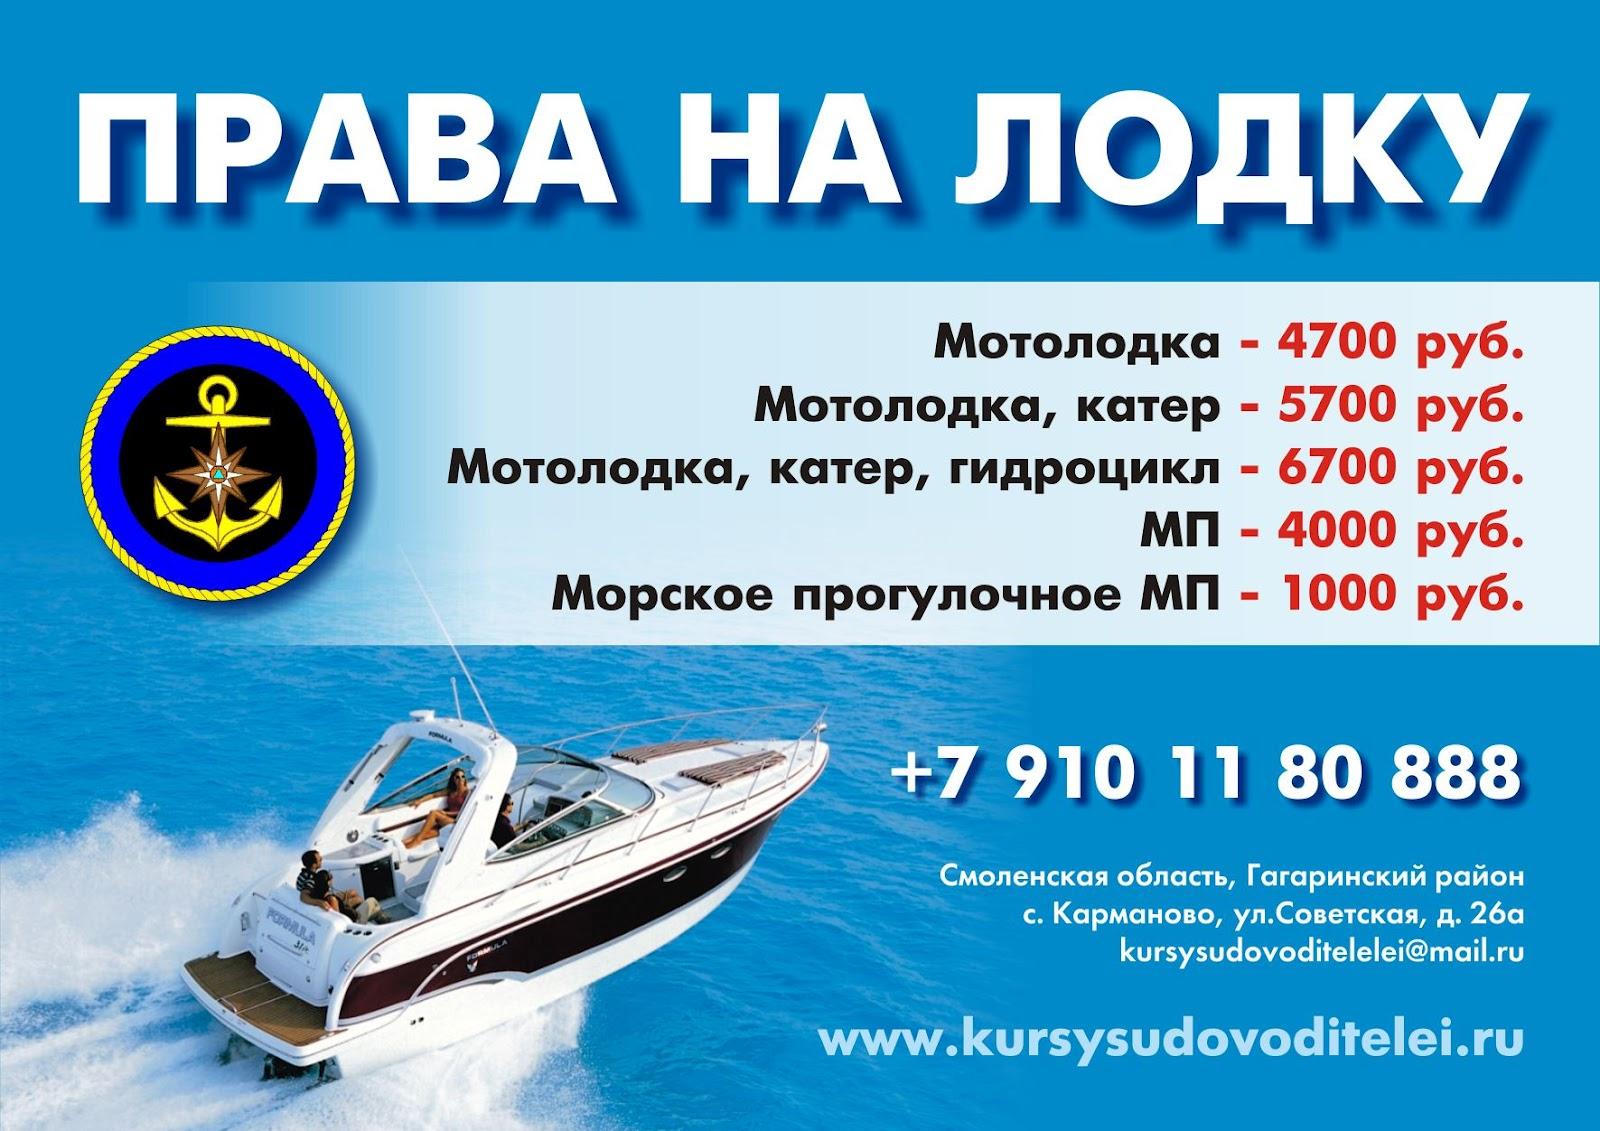 Как сделать документы на лодку если их нет